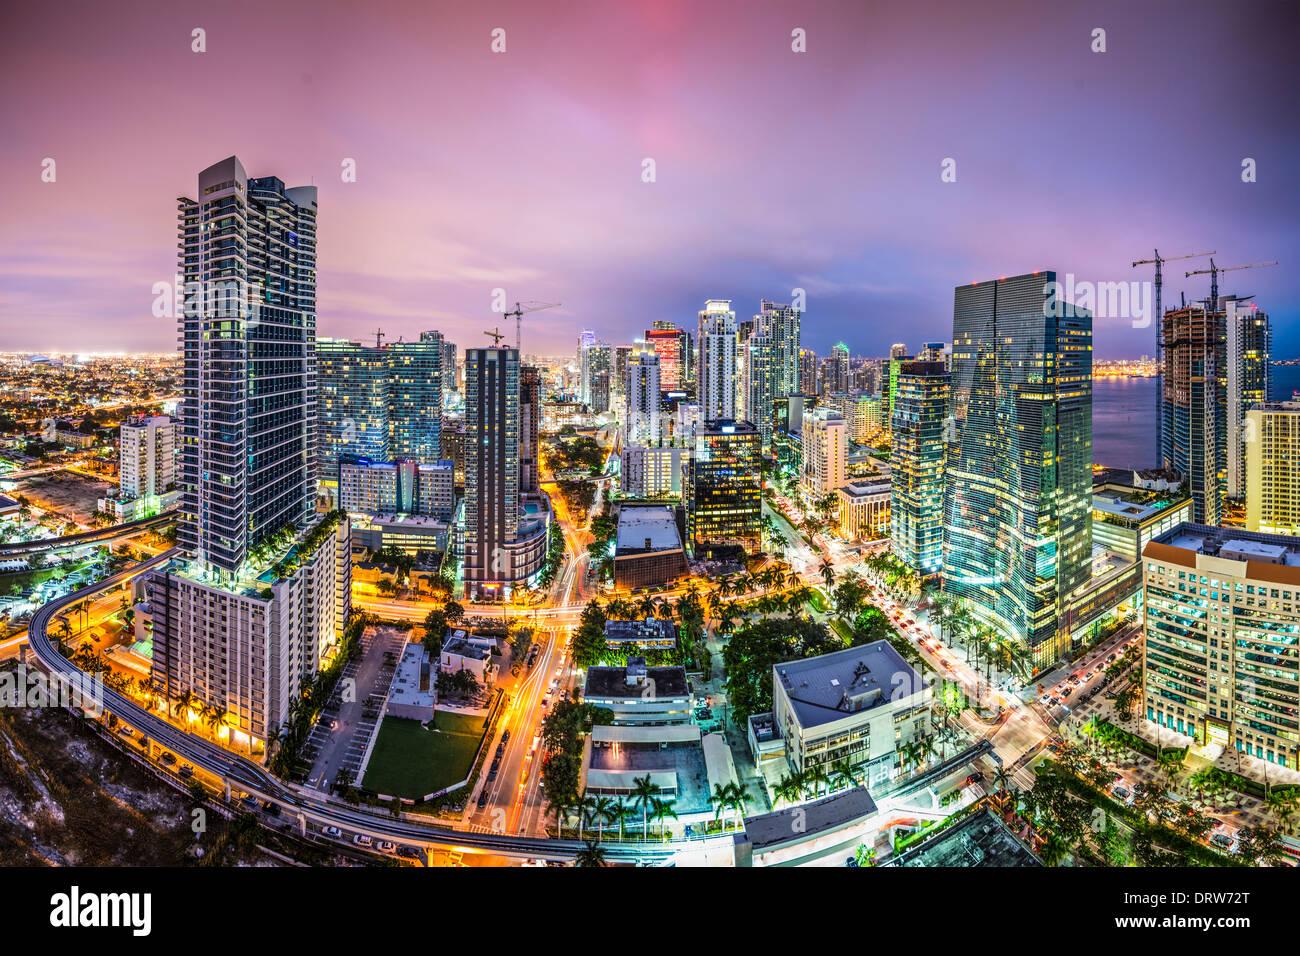 Miami, Floride vue aérienne du centre-ville. Photo Stock